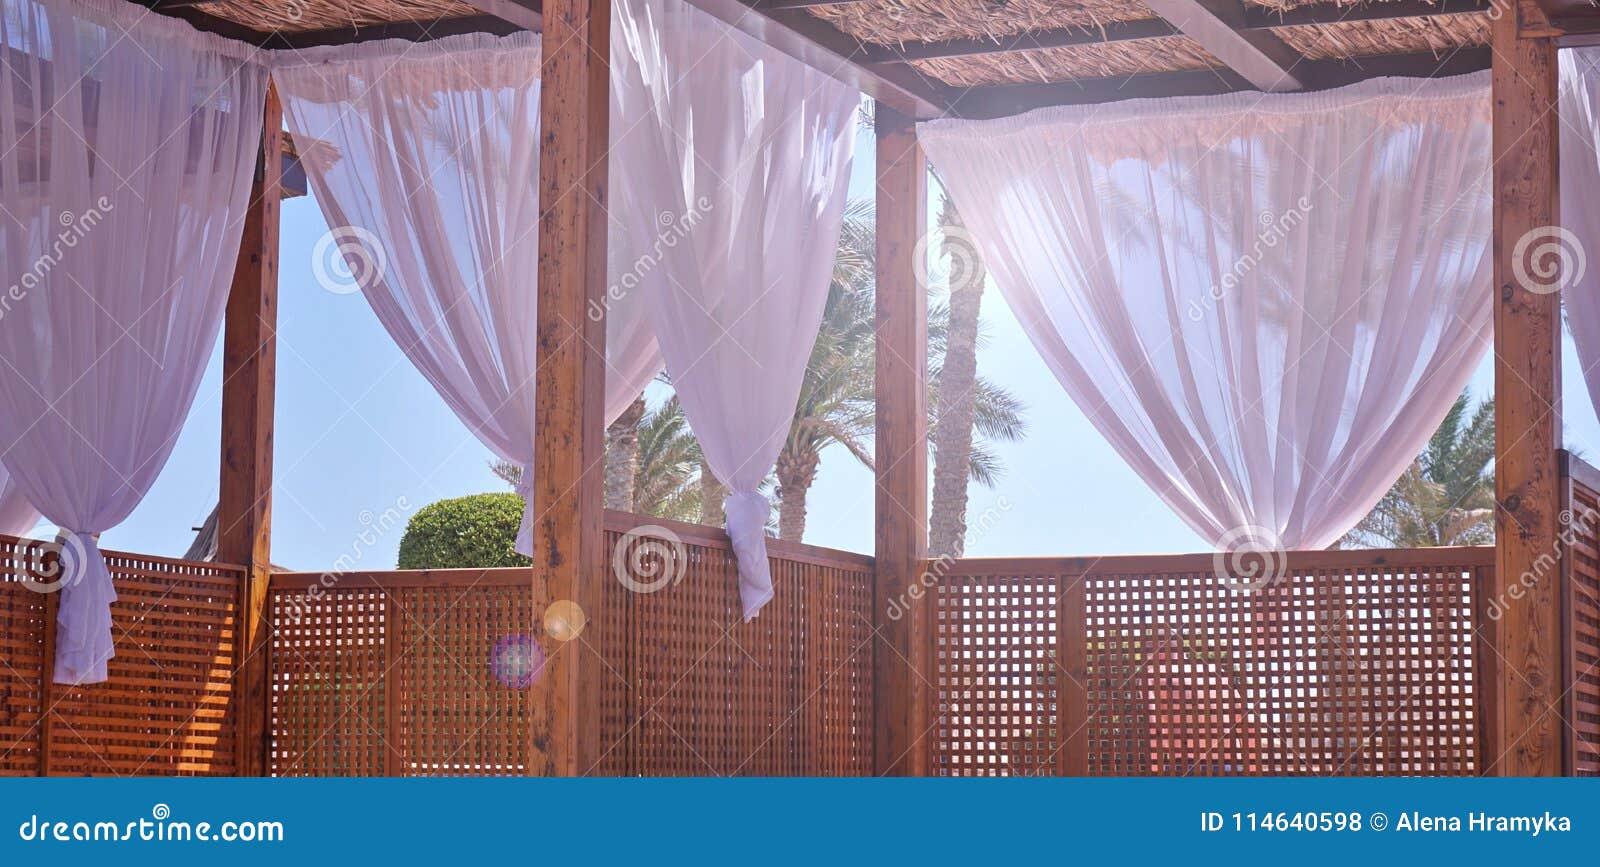 Werpt het afbaarden van met stof af witte gordijnen op de kustwind in de wind